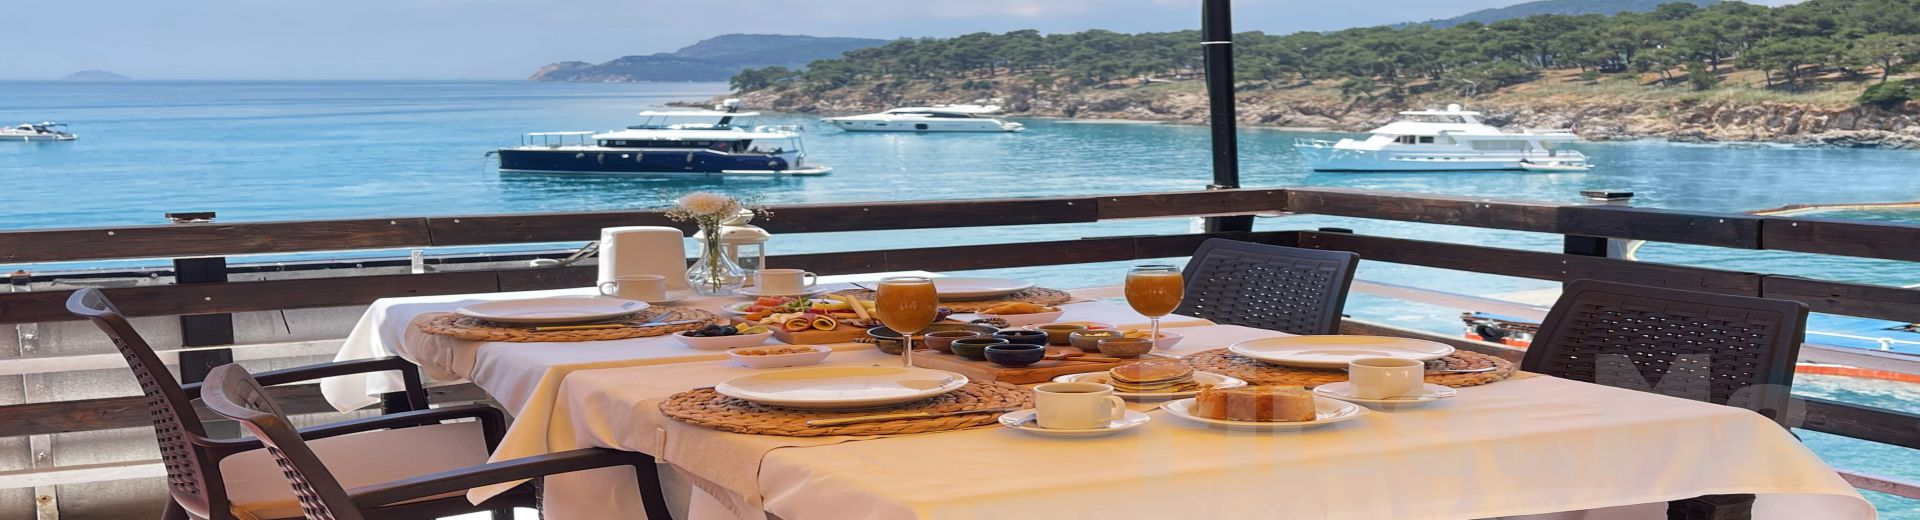 Büyükada Yörükali Teras Restaurant'ta Eşsiz Manzara Eşliğinde Serpme Kahvaltı Keyfi